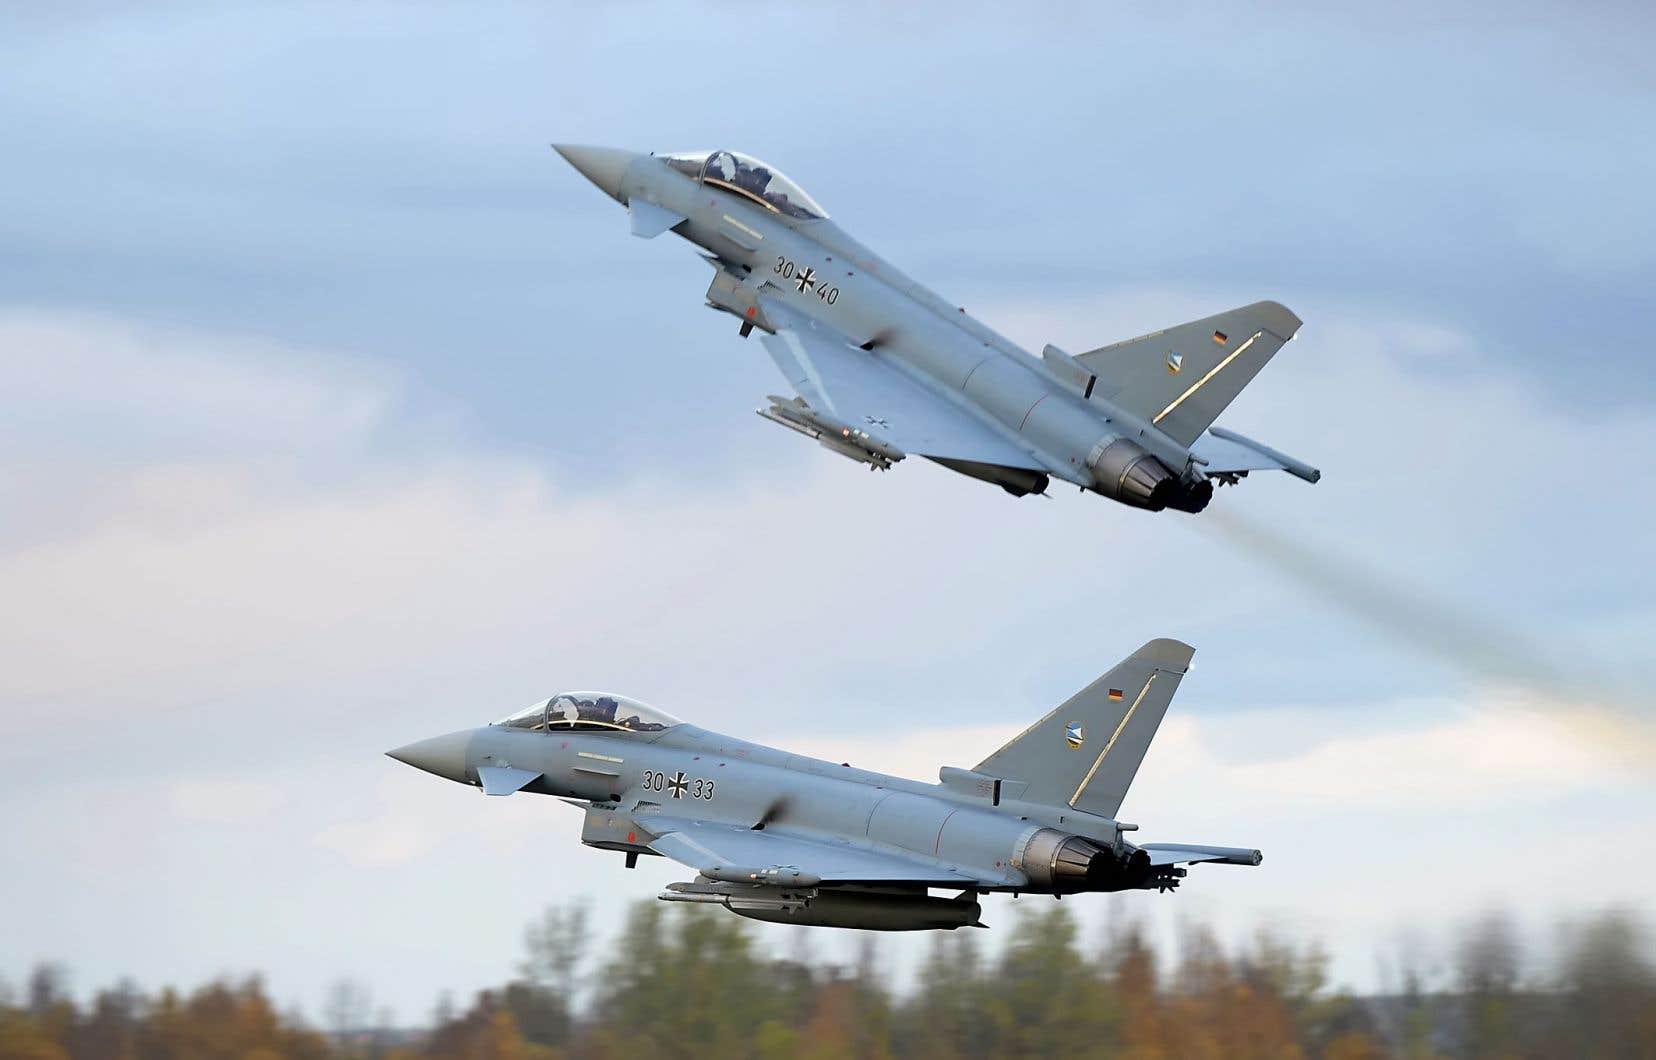 L'Autriche, l'Arabie saoudite, Oman, le Koweït et l'Italie ont déjà obtenu ou commandé des appareils Eurofighter Typhoon d'Airbus.